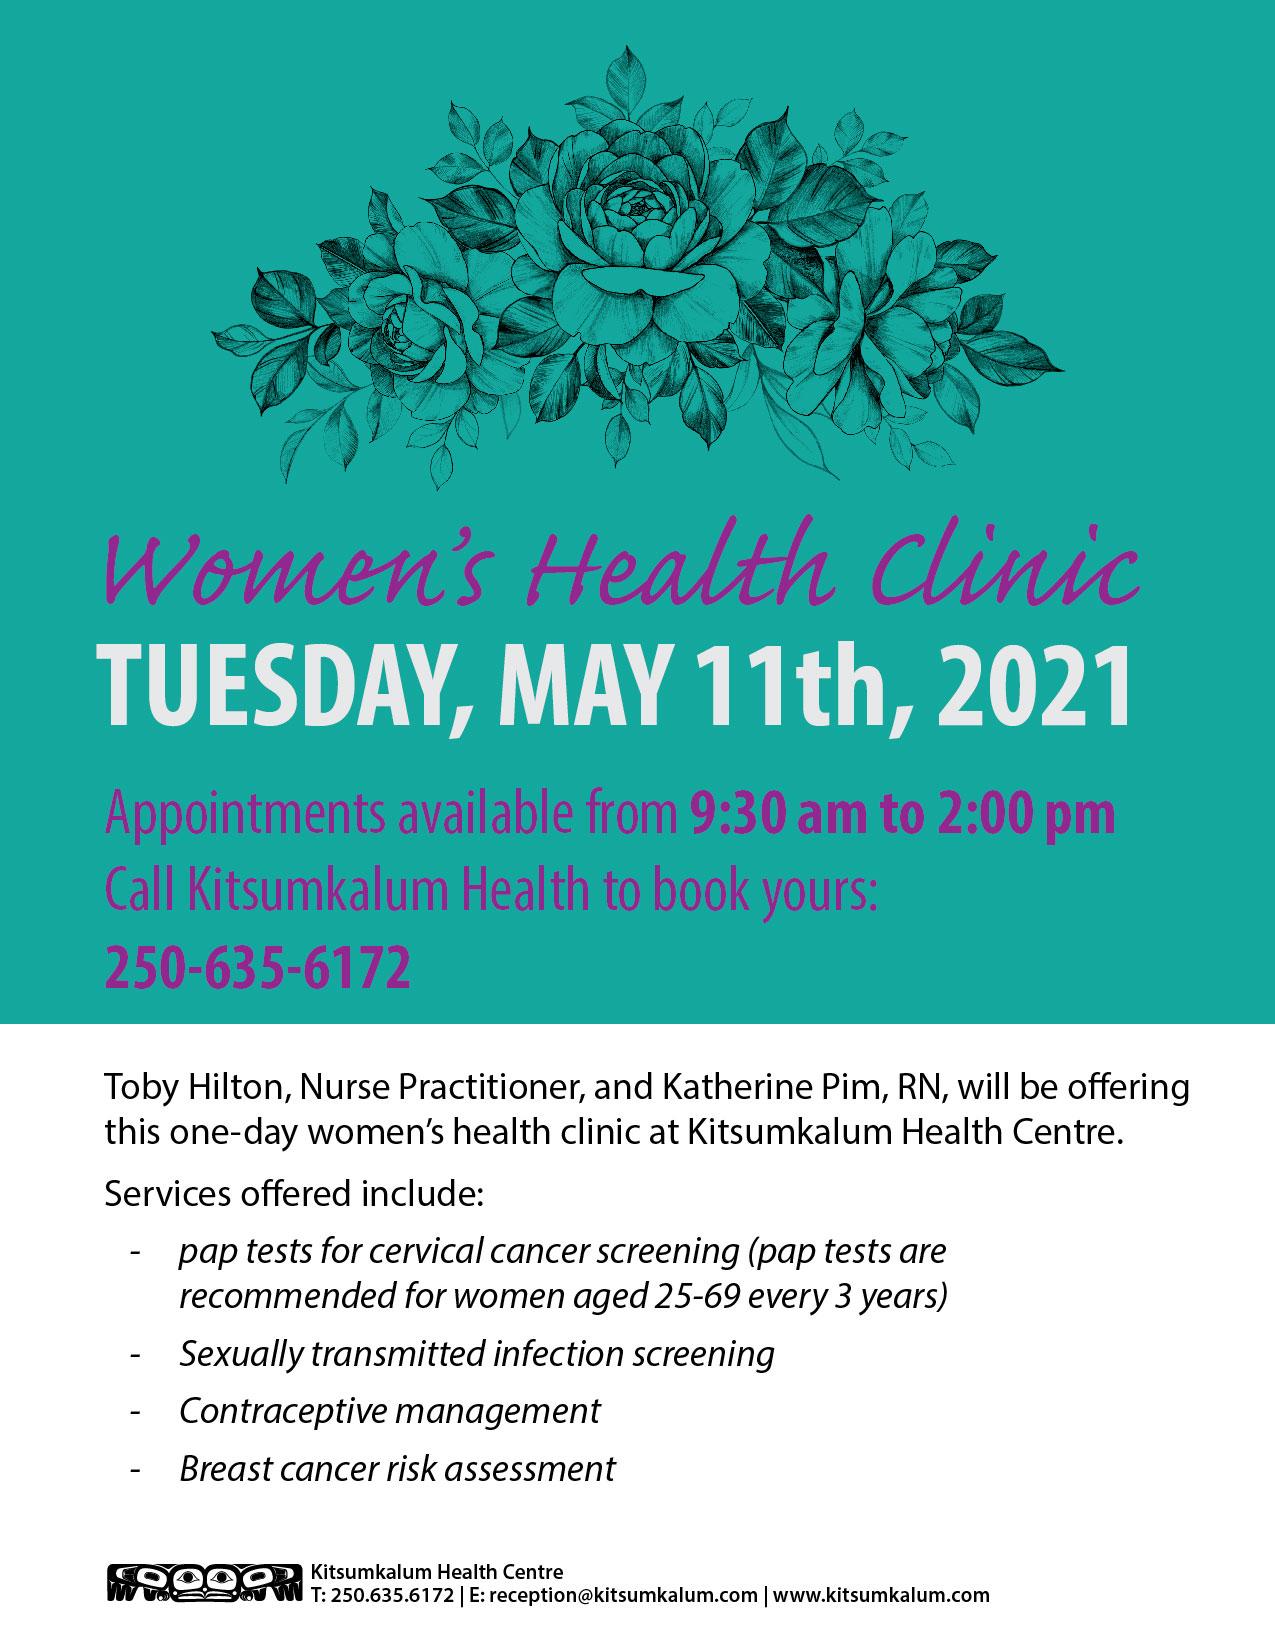 Women's Health Clinic at Kitsumkalum Health Centre